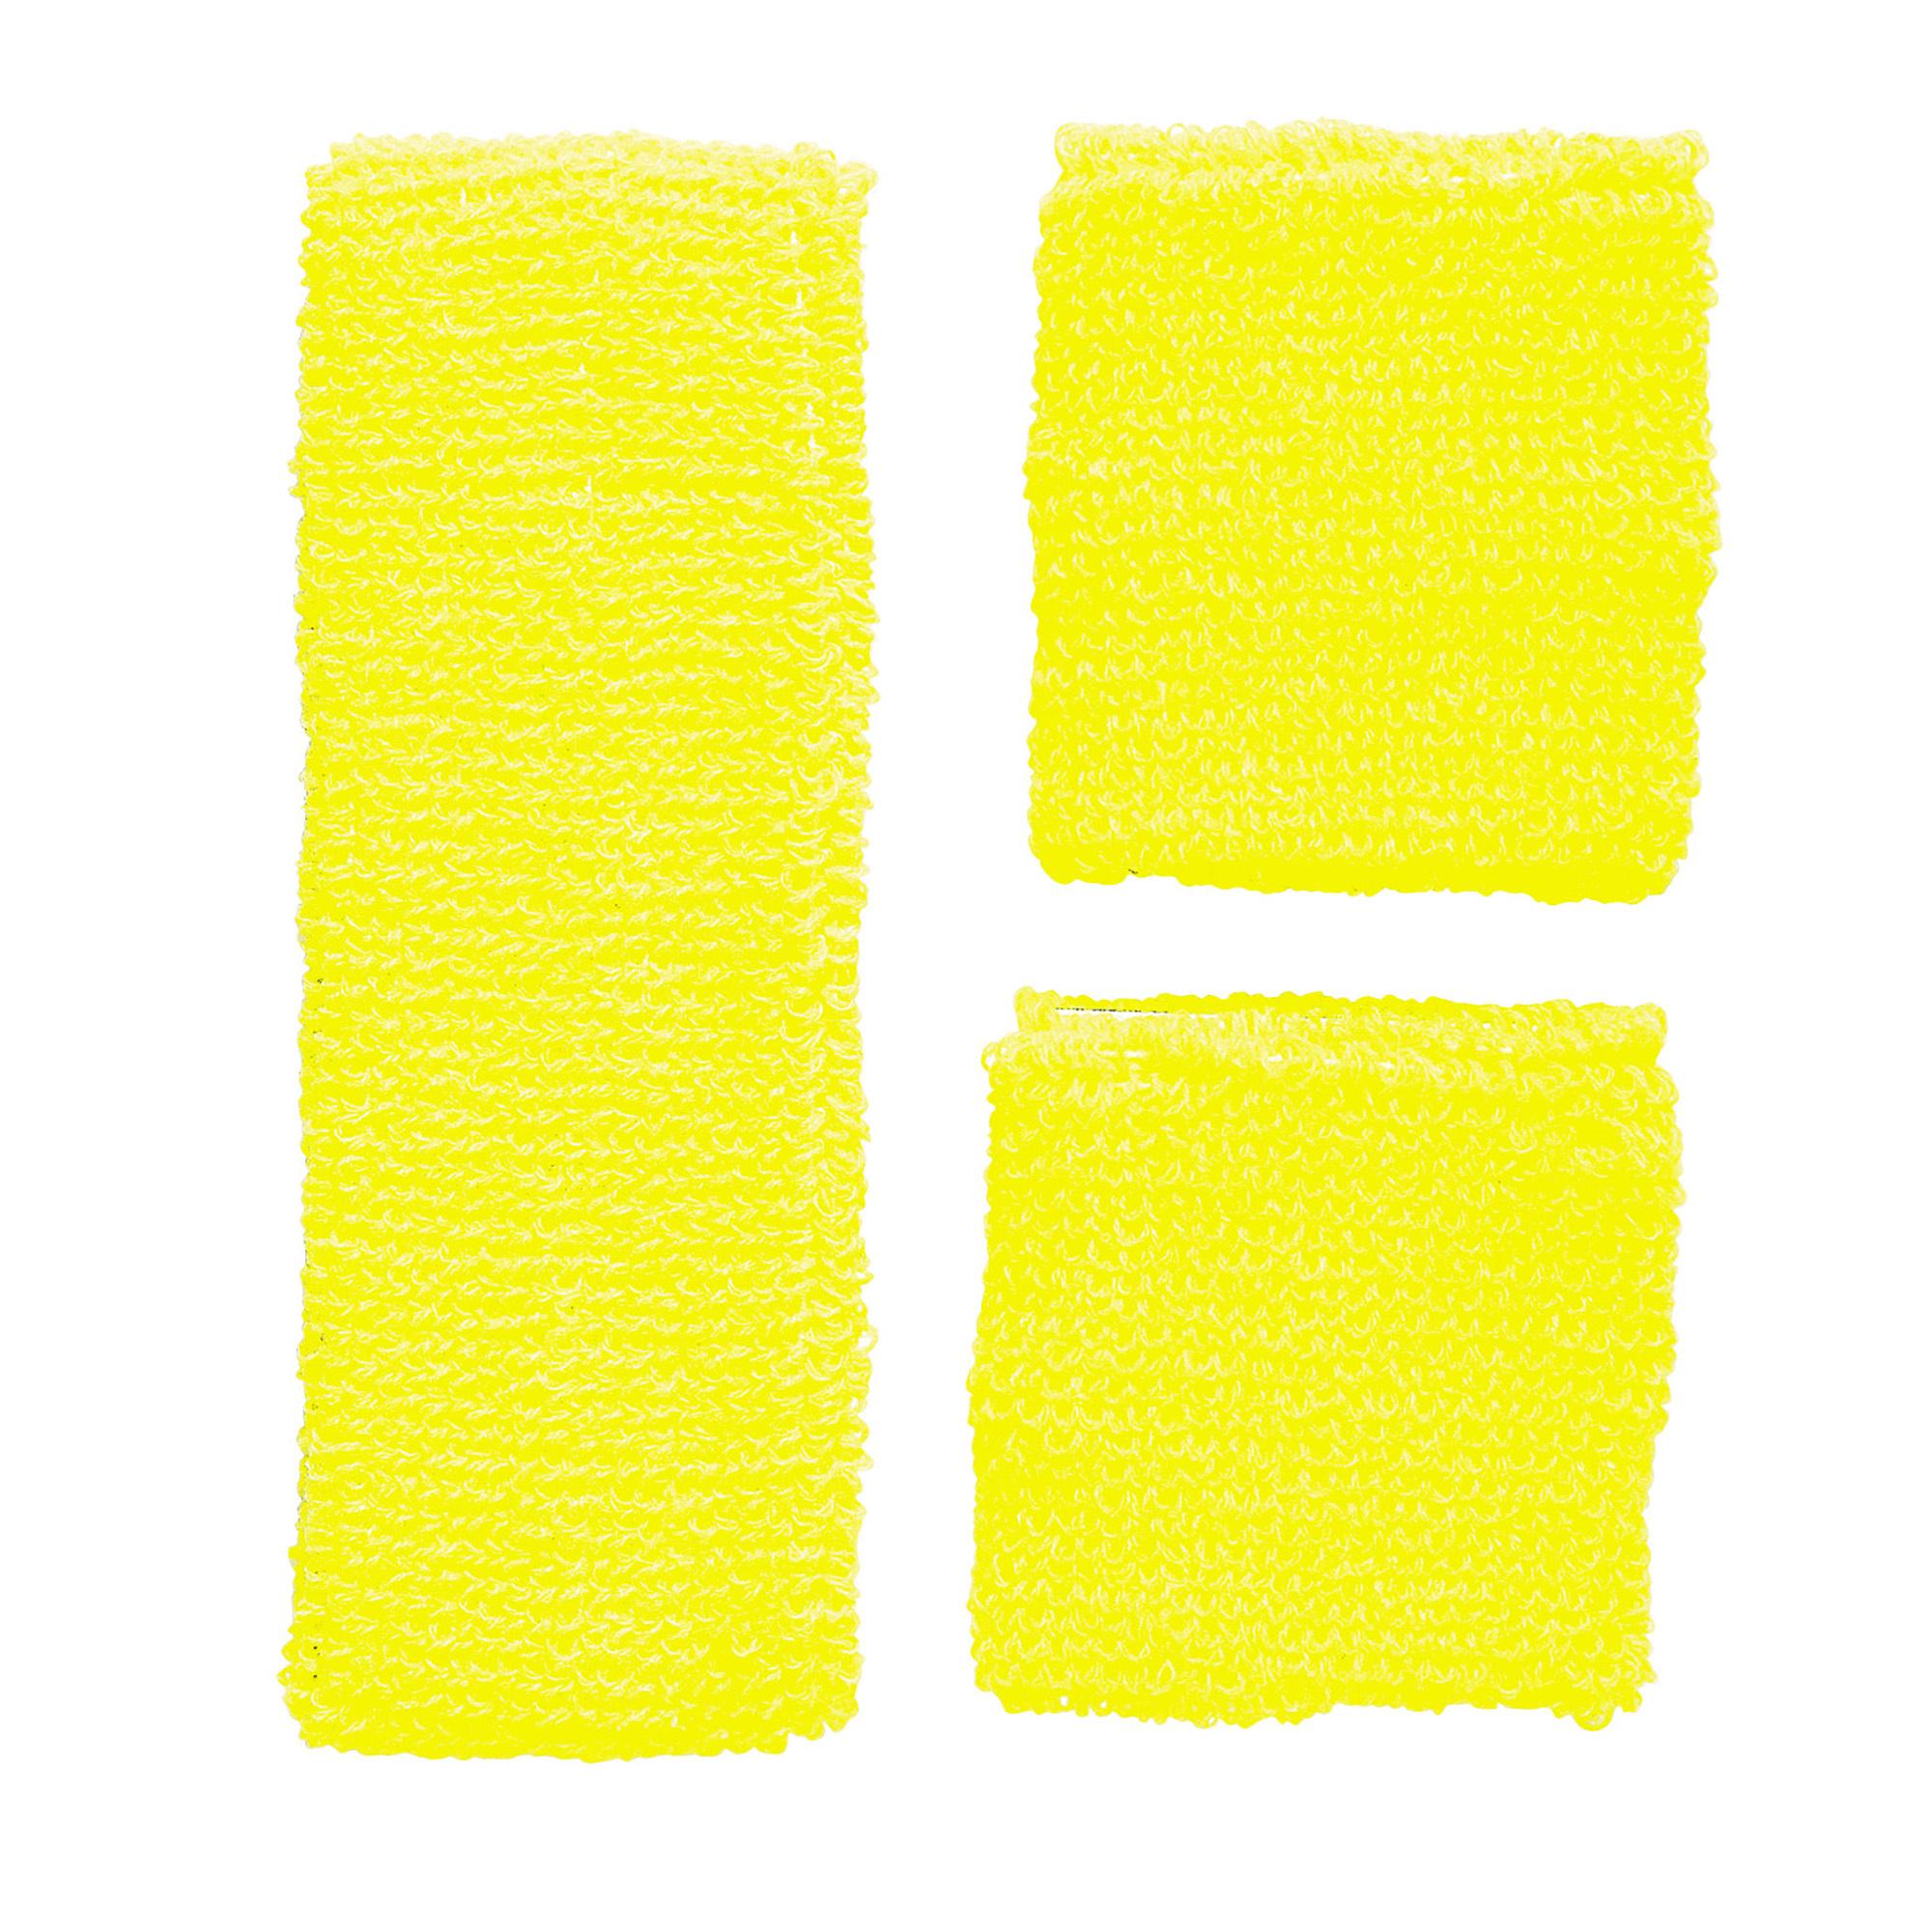 Deze setjes kanarie gele zweetbandjes zijn een voorbeeld van de vele carnavals artikelen en carnavalskleding ...